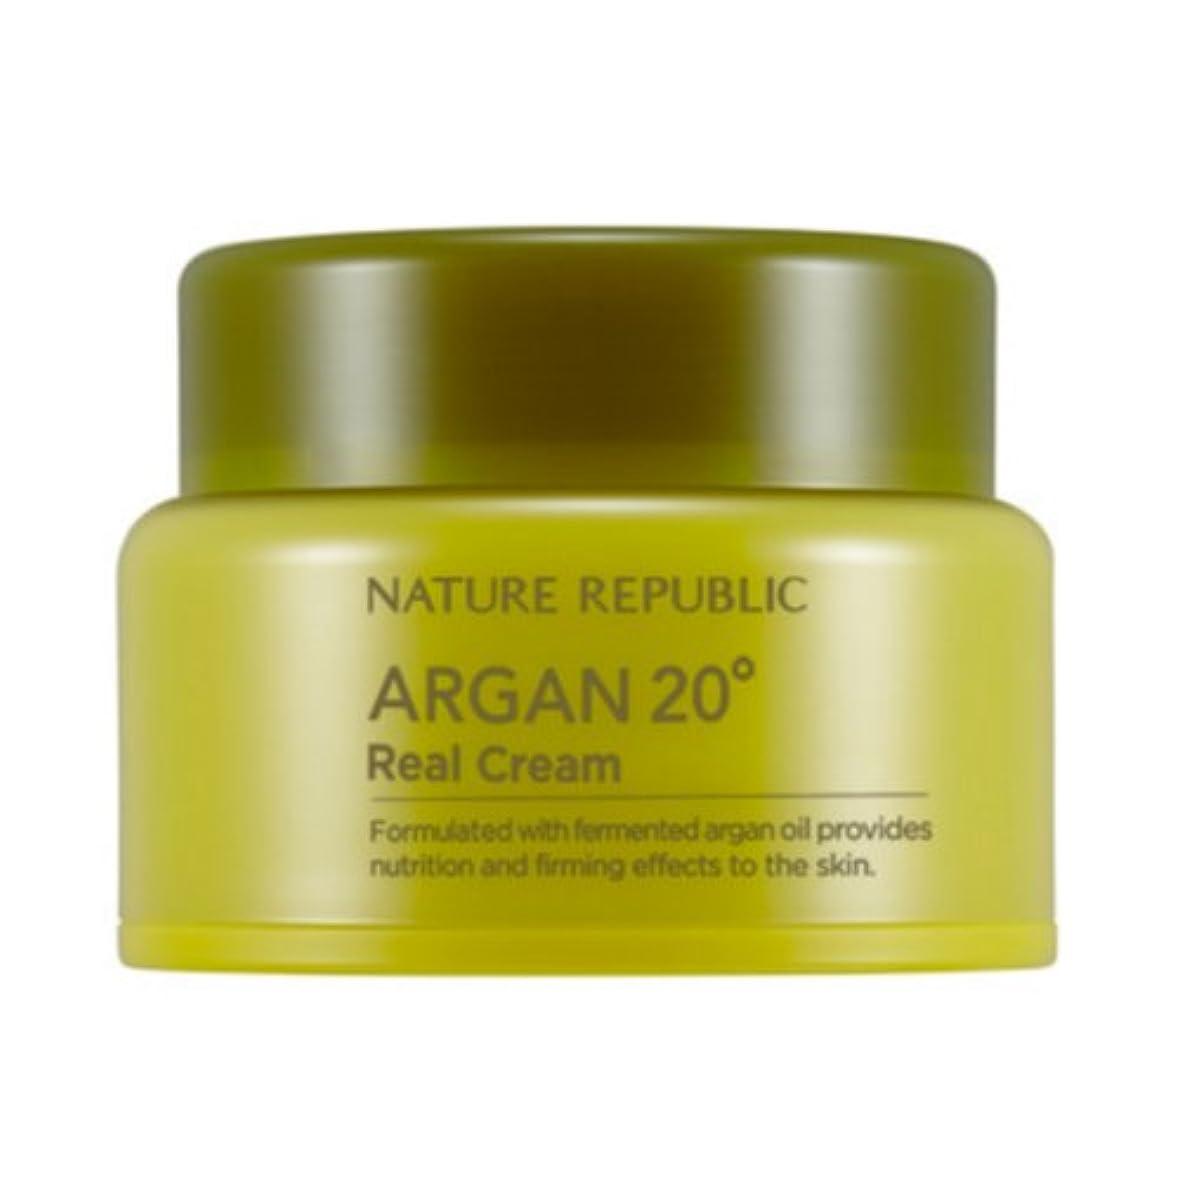 車コンデンサーリー[ネイチャーリパブリック] Nature republicアルガン20ºリアルクリーム海外直送品(Argan20ºReal Cream) [並行輸入品]